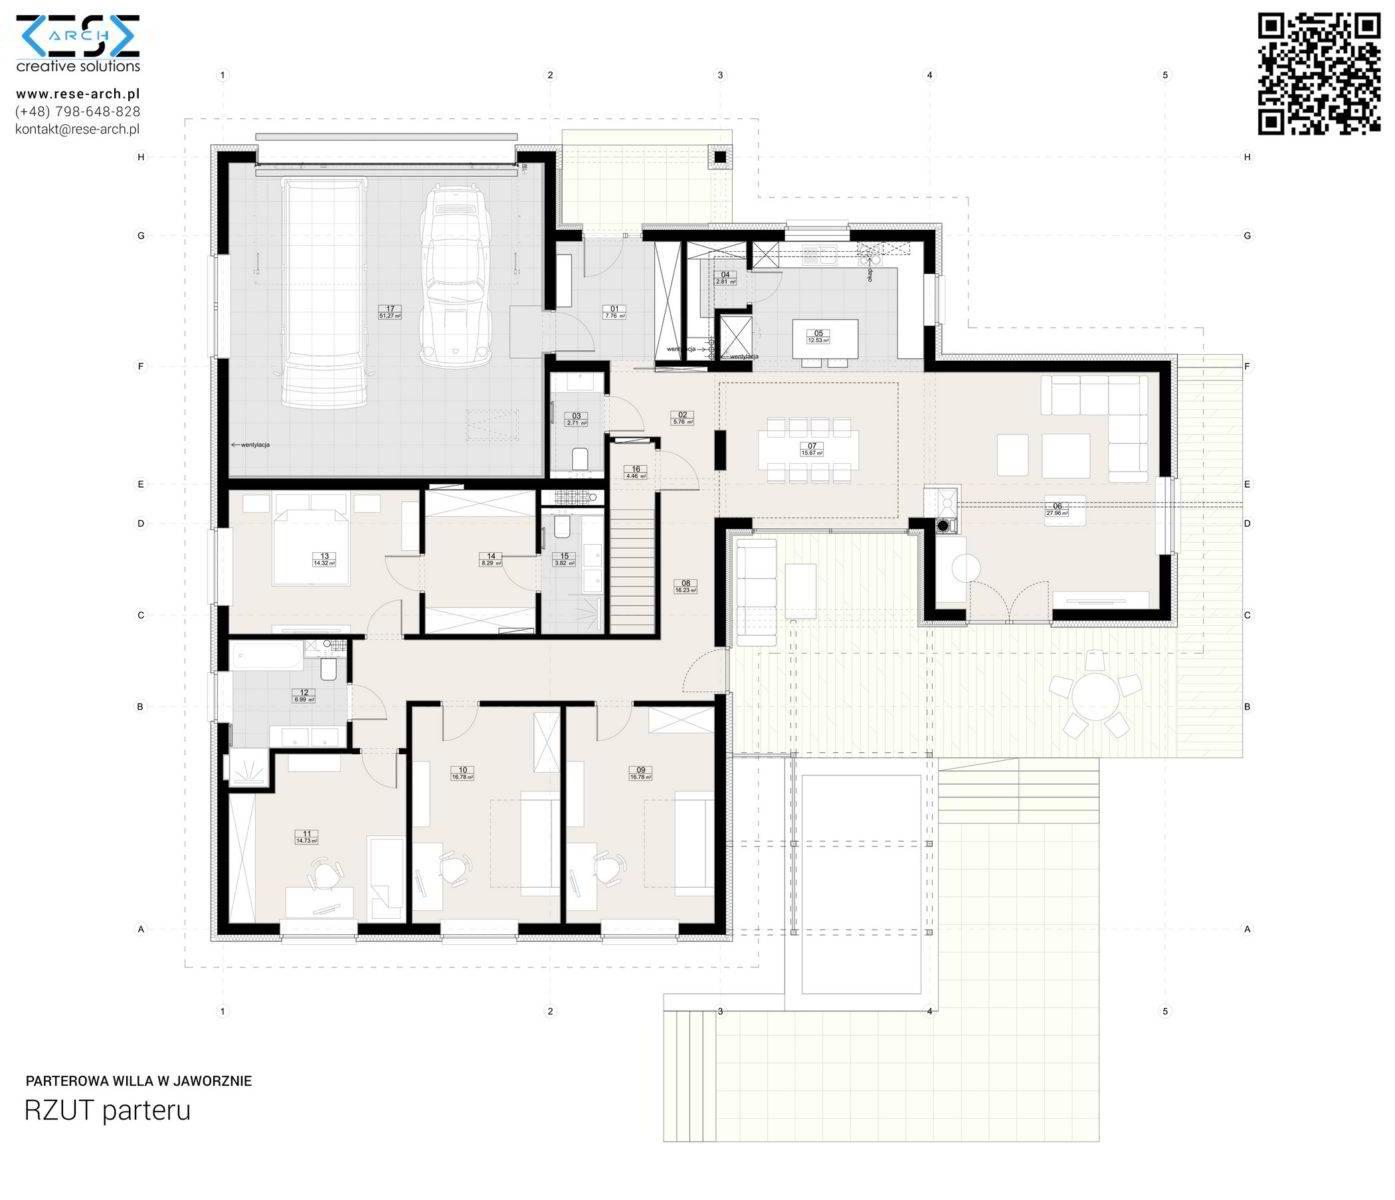 Projekt domu jednorodzinnego parterowego śląsk architekt